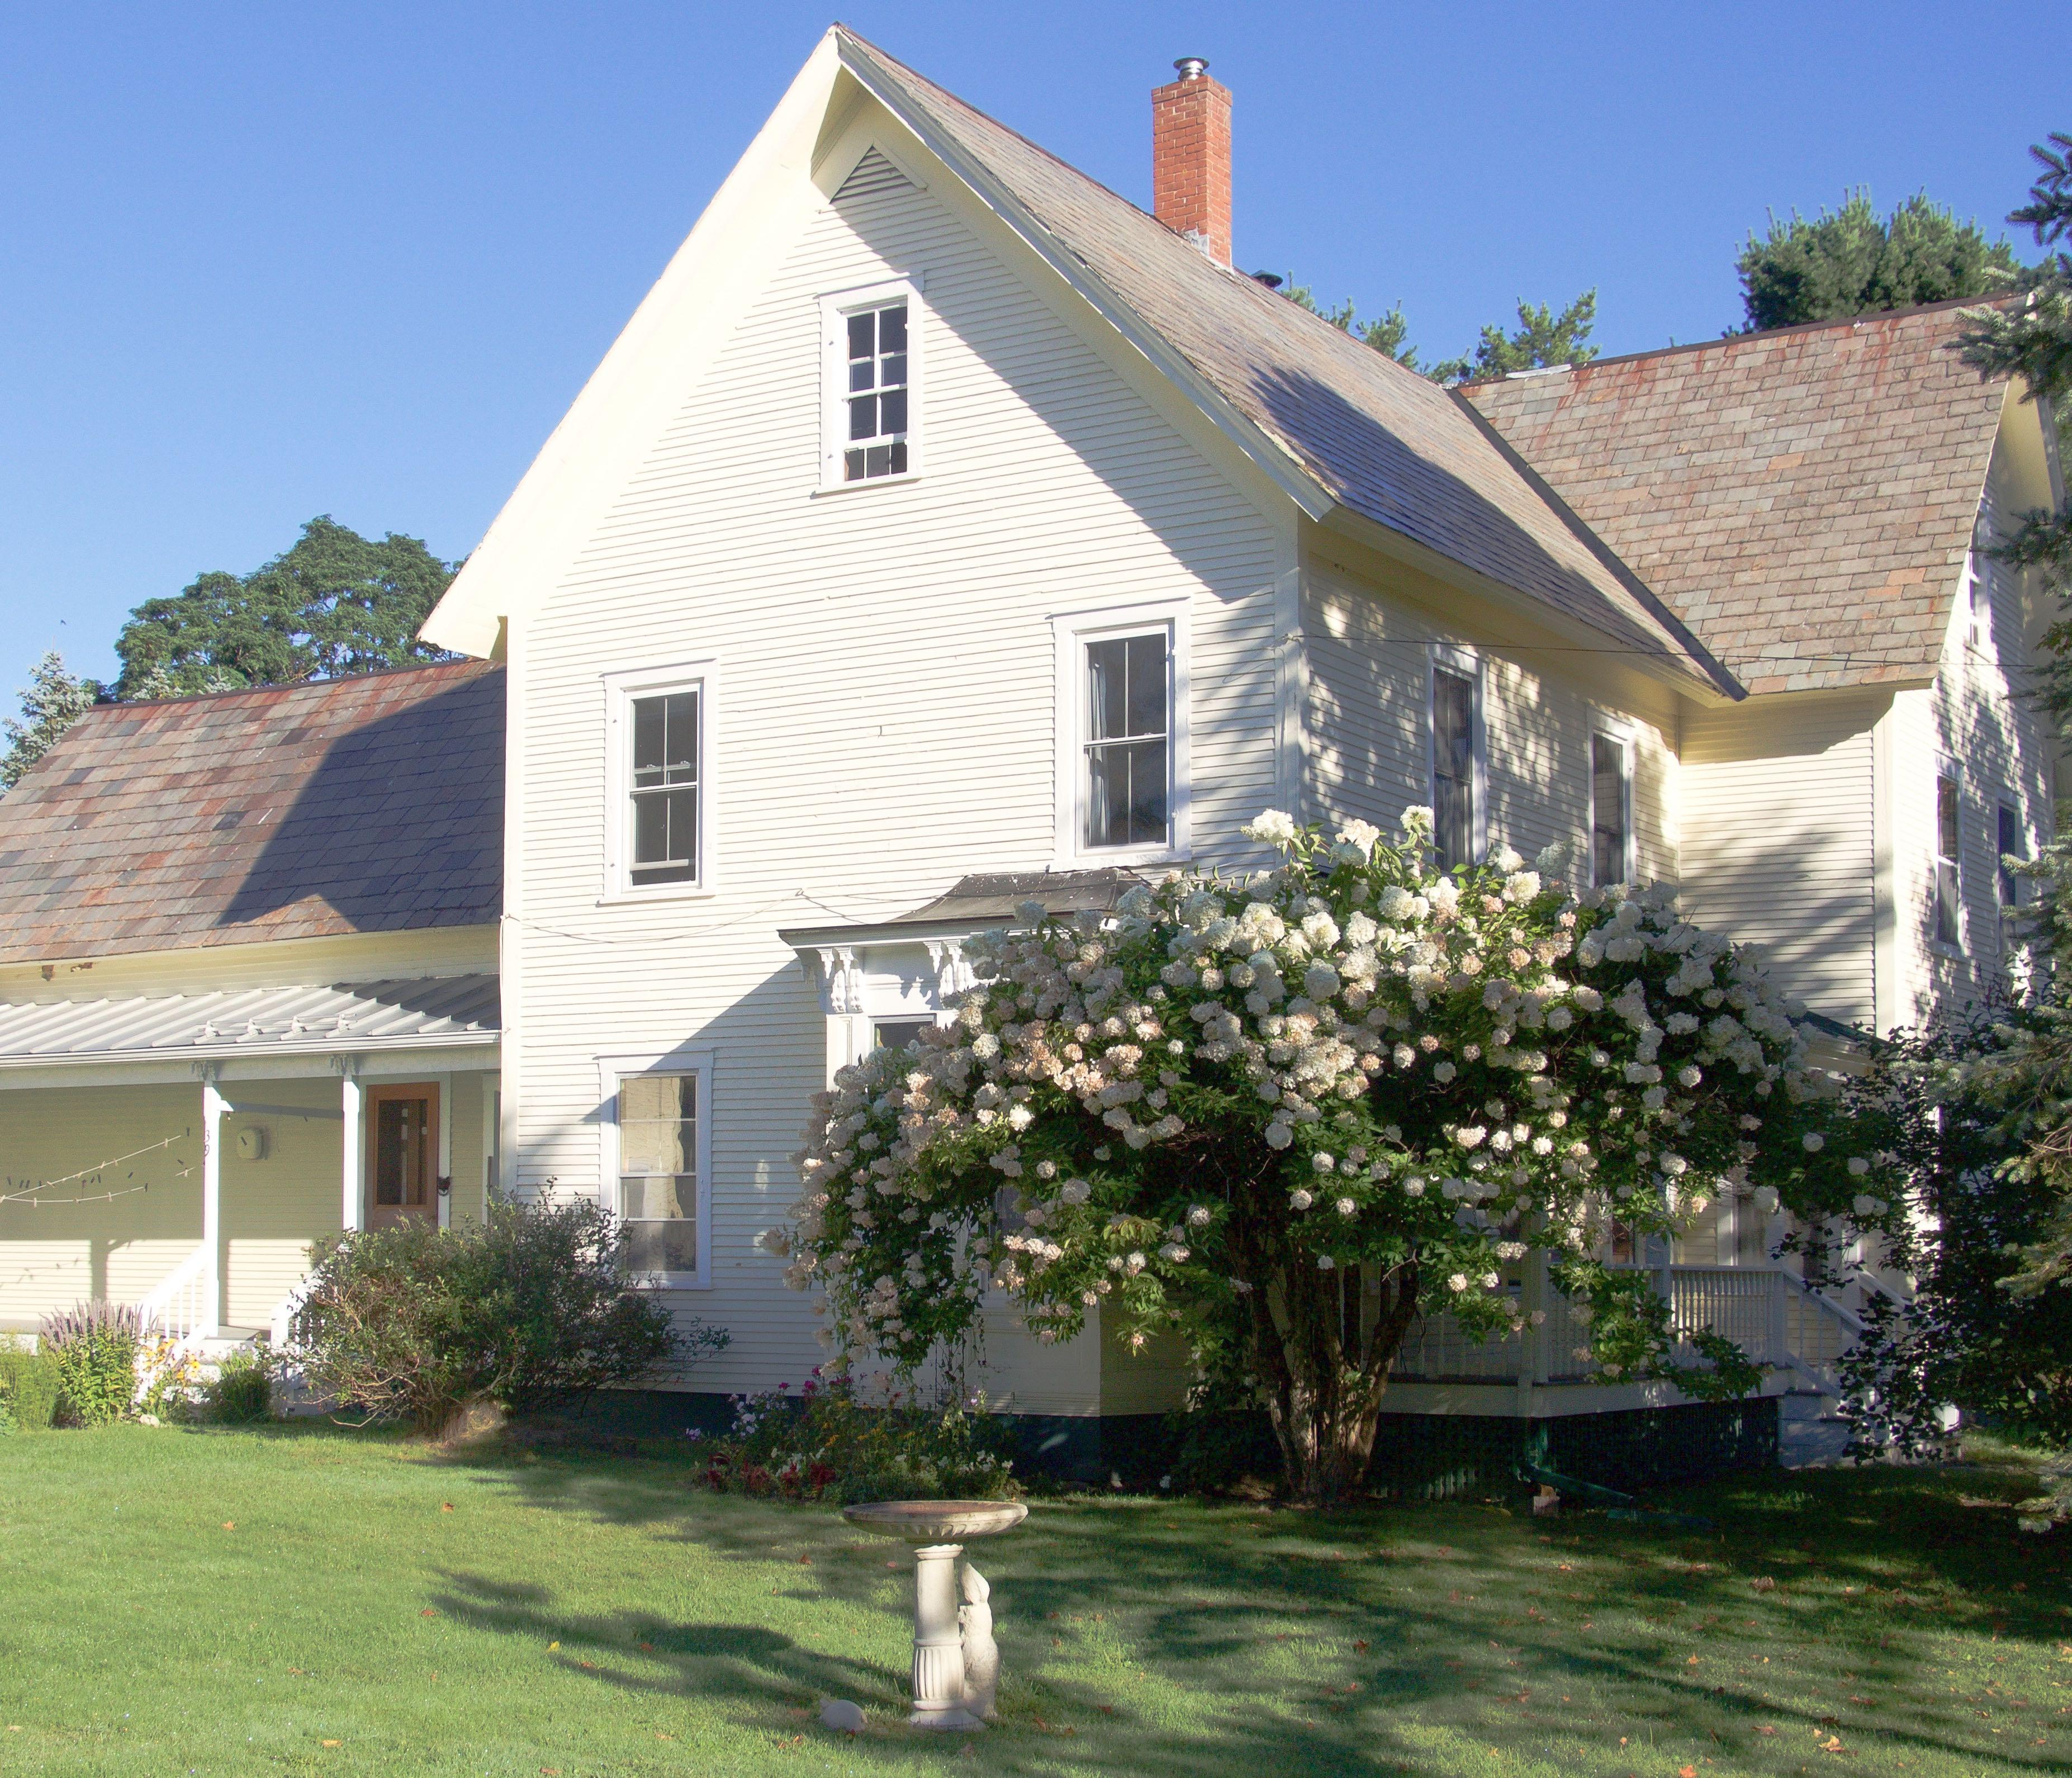 단독 가정 주택 용 매매 에 39 Quaker, Lincoln 39 Quaker St Lincoln, 베르몬트, 05443 미국